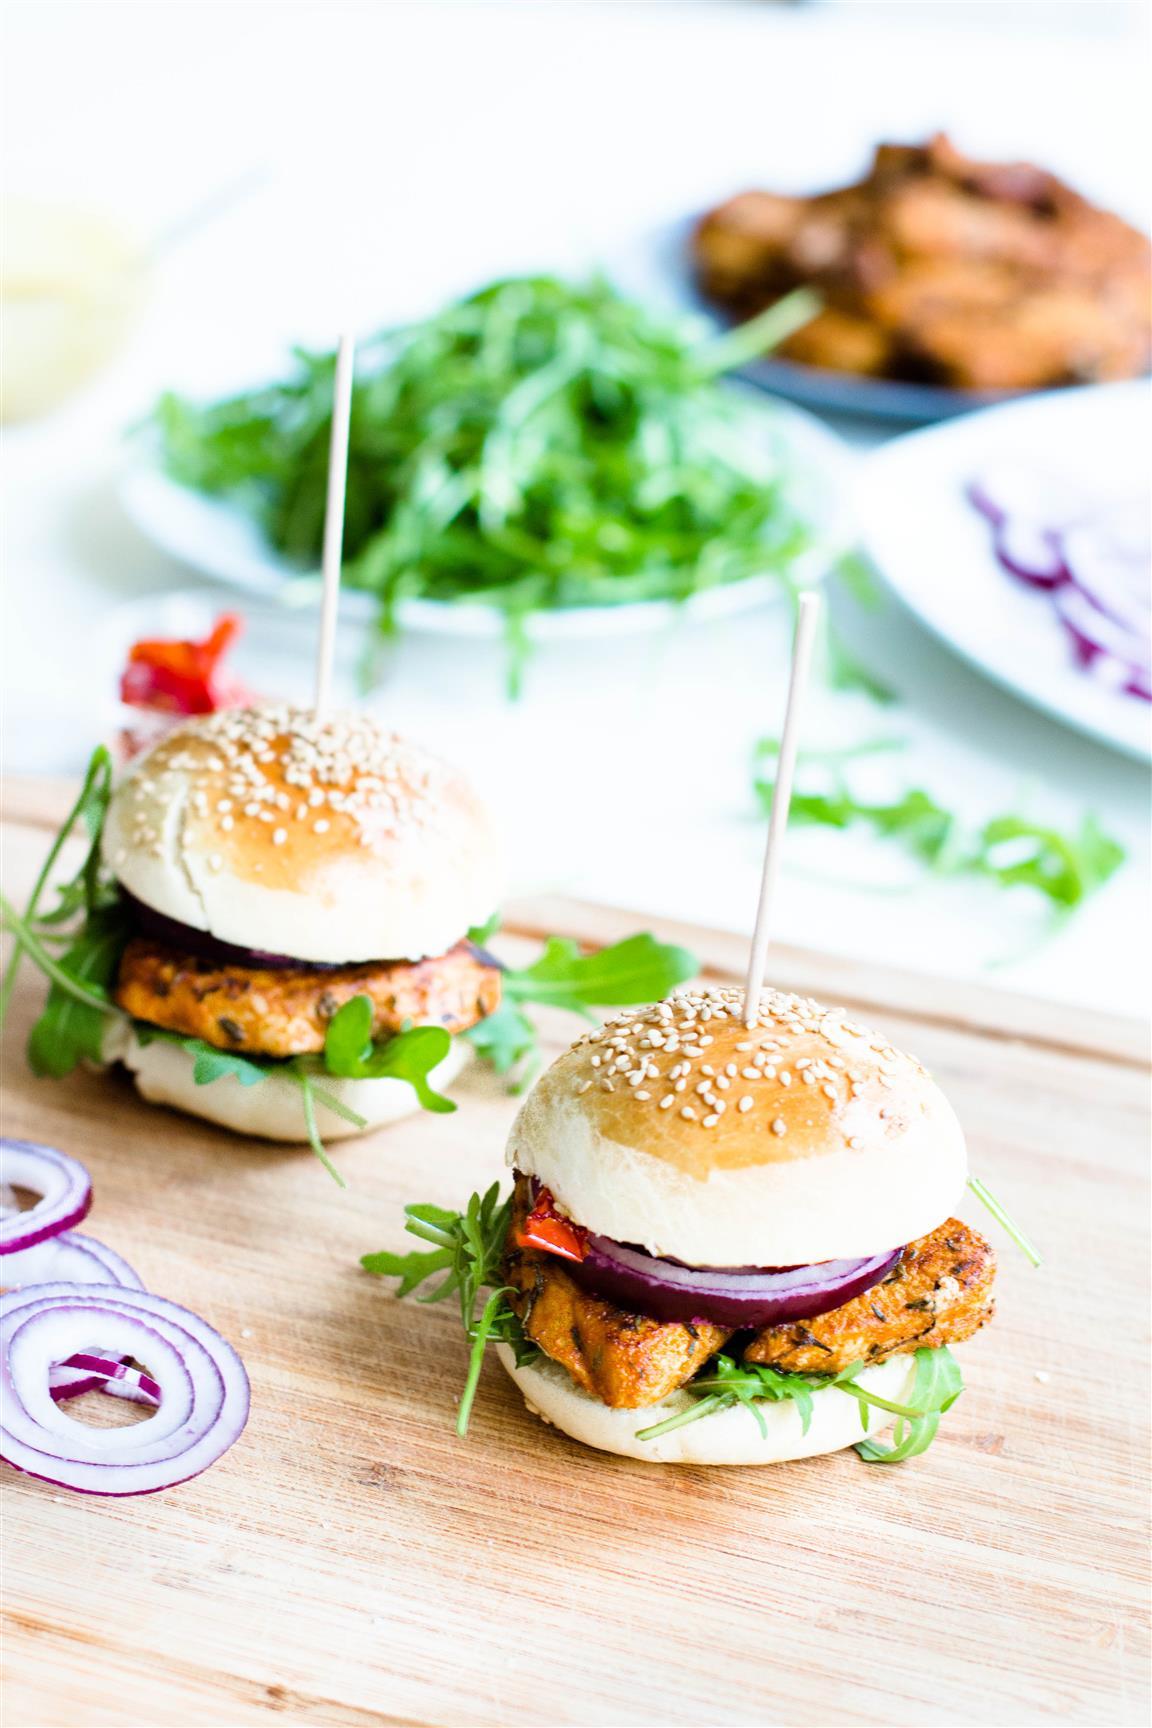 selbstgemachte-hamburger-mit-rucola-getrockneten-tomaten-roten-zwiebeln-huehnchen-senf-honig-sauce-rezept-13